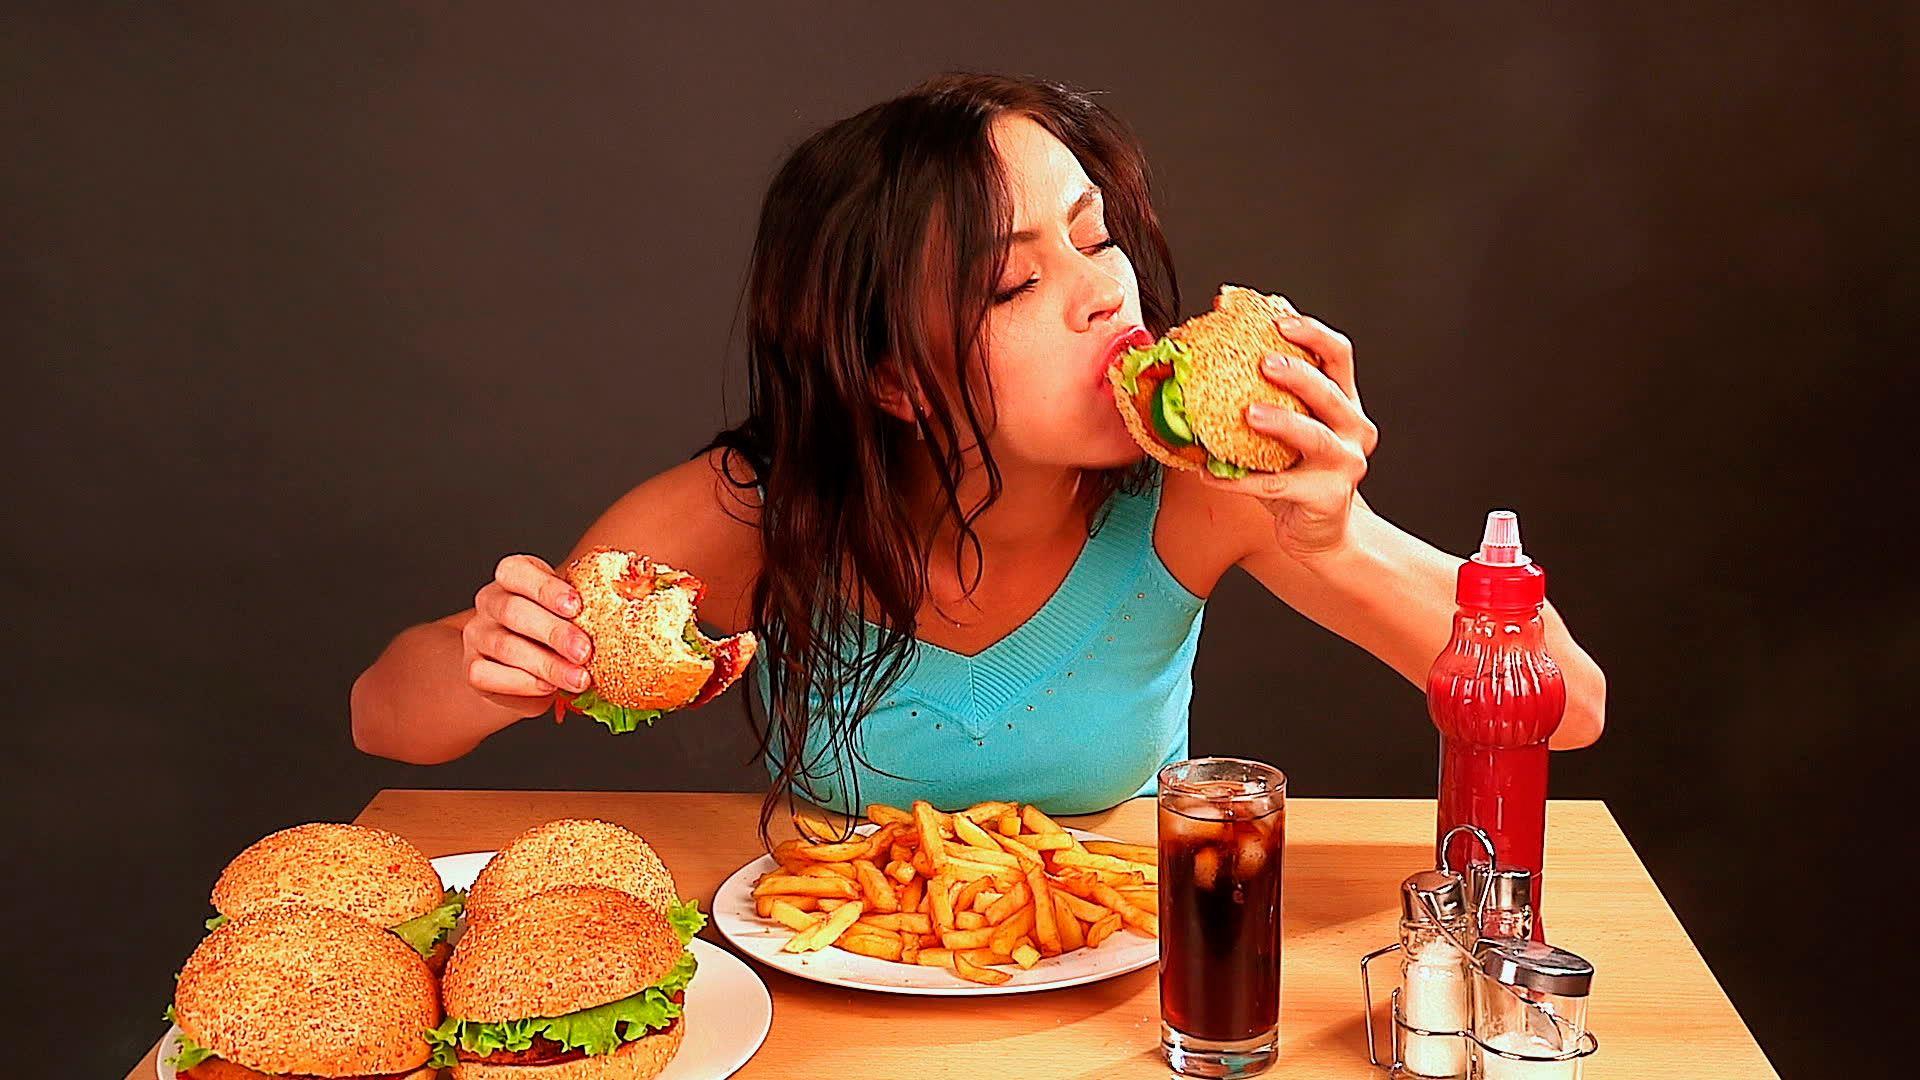 Hambre es causada por la abstinencia, uno de los trastornos por consumo de nicotina